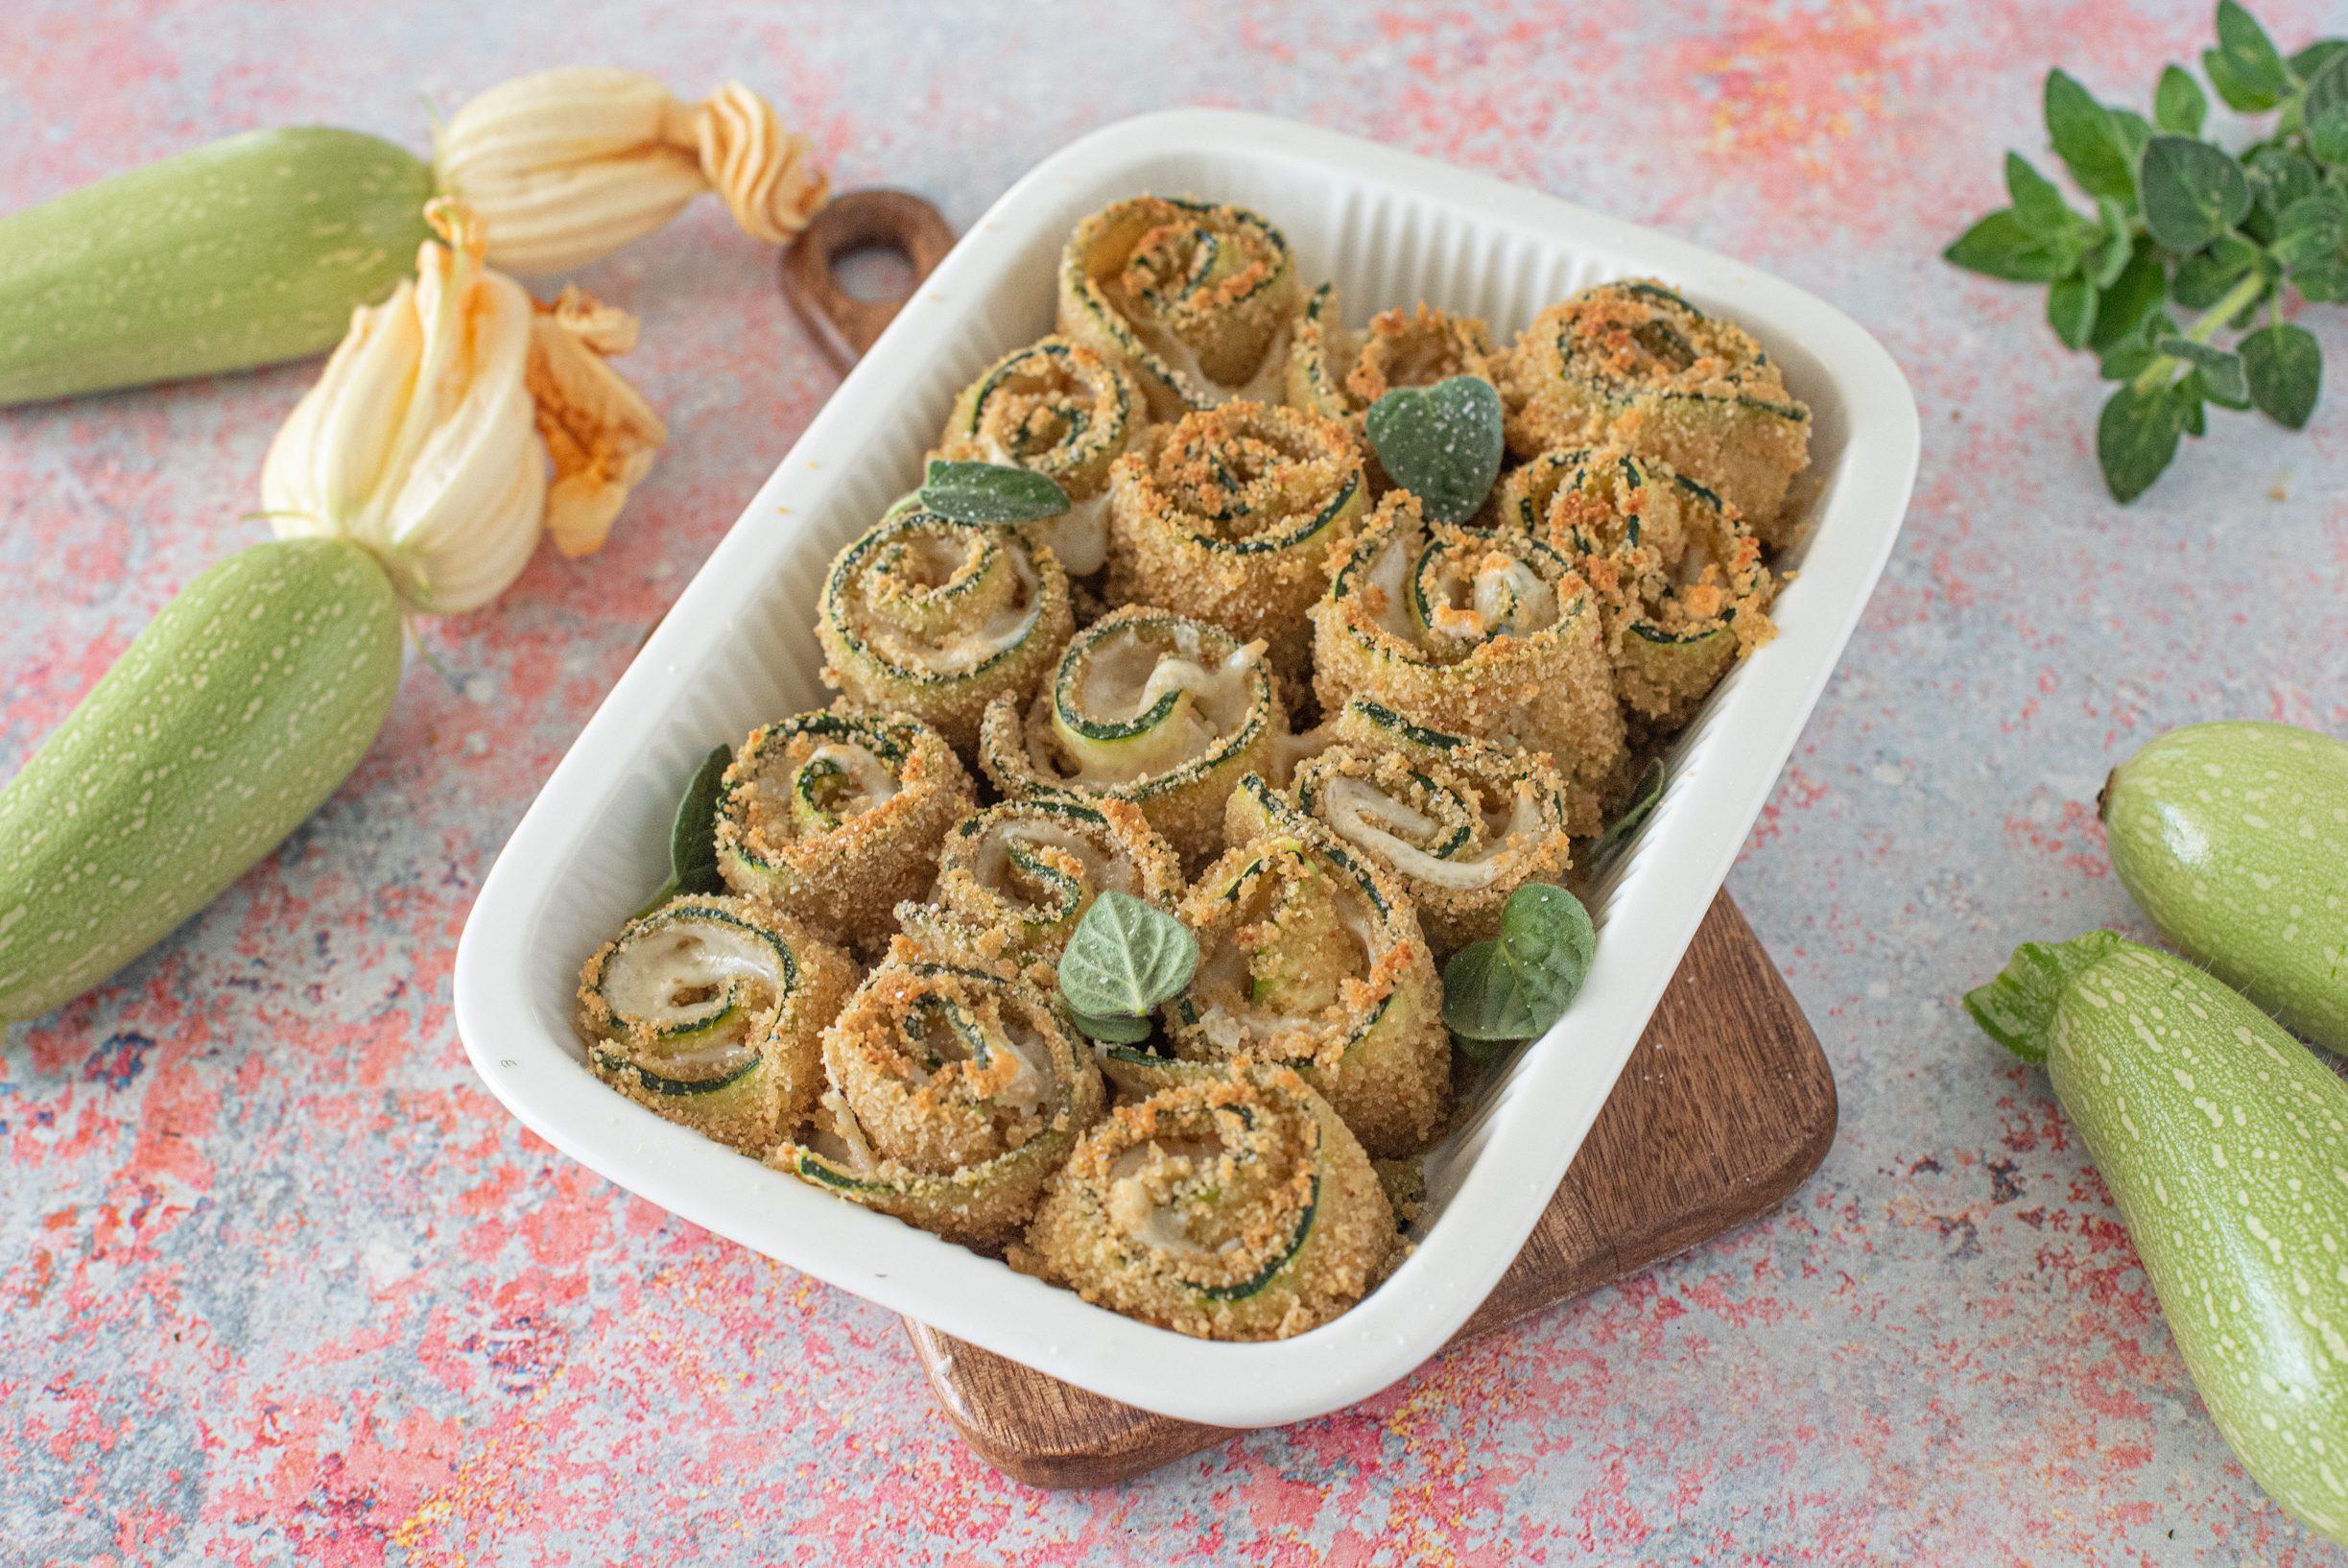 Involtini di zucchine al forno: la ricetta dell'antipasto leggero e delizioso